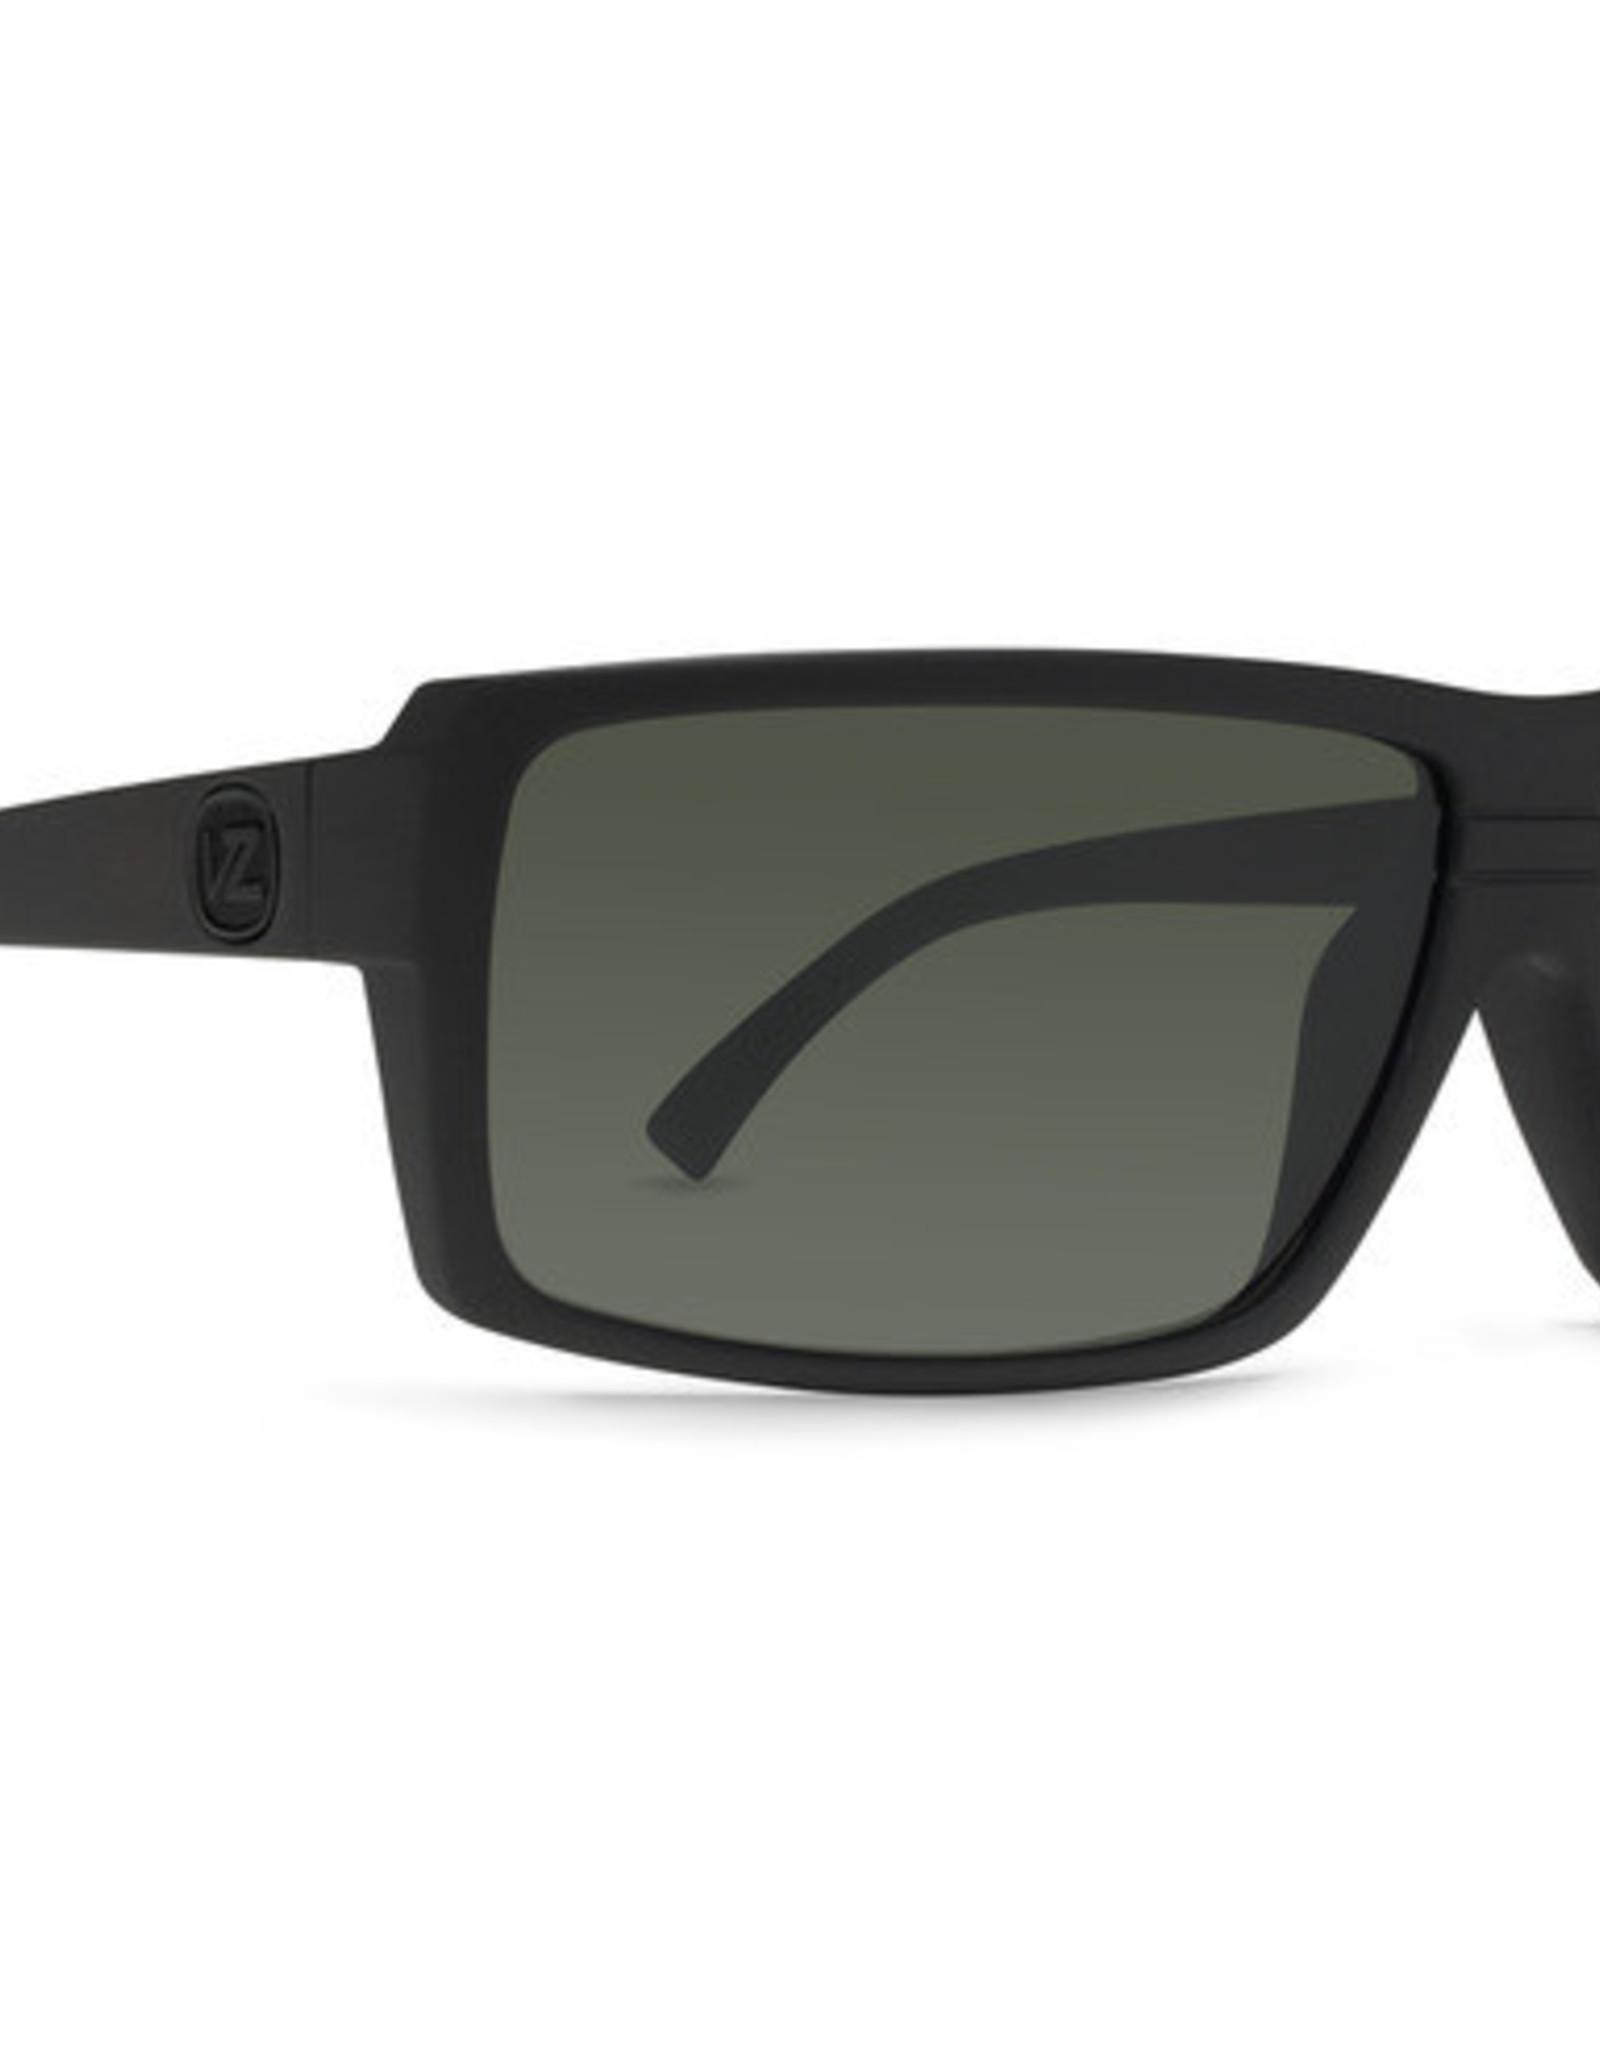 Von Zipper VZ - SNARK - Black Satin w/ Grey